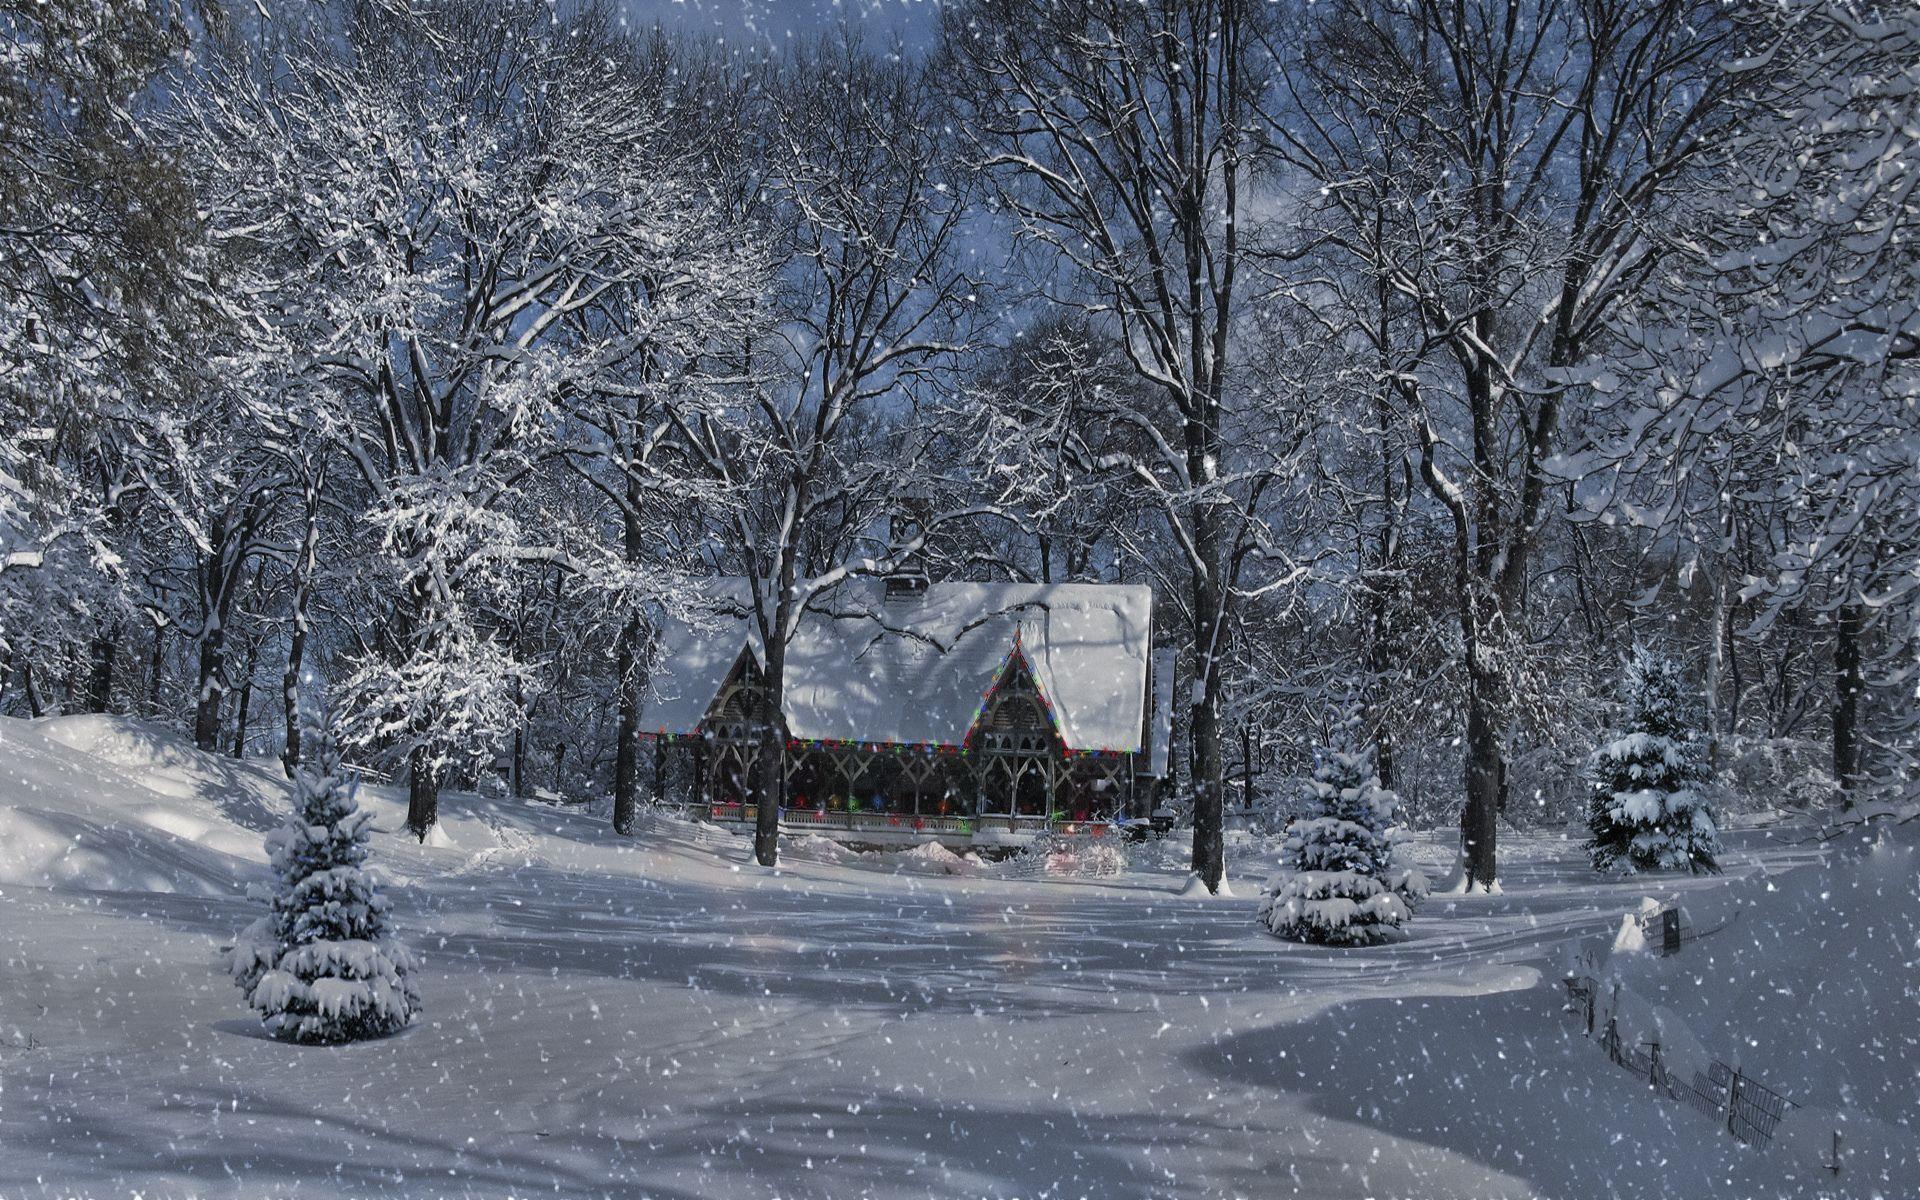 Schnee Baume Haus Wald Landschaft Beleuchtung Winter Gluhlampen Winter Wallpaper Forest Wallpaper Free Winter Wallpaper